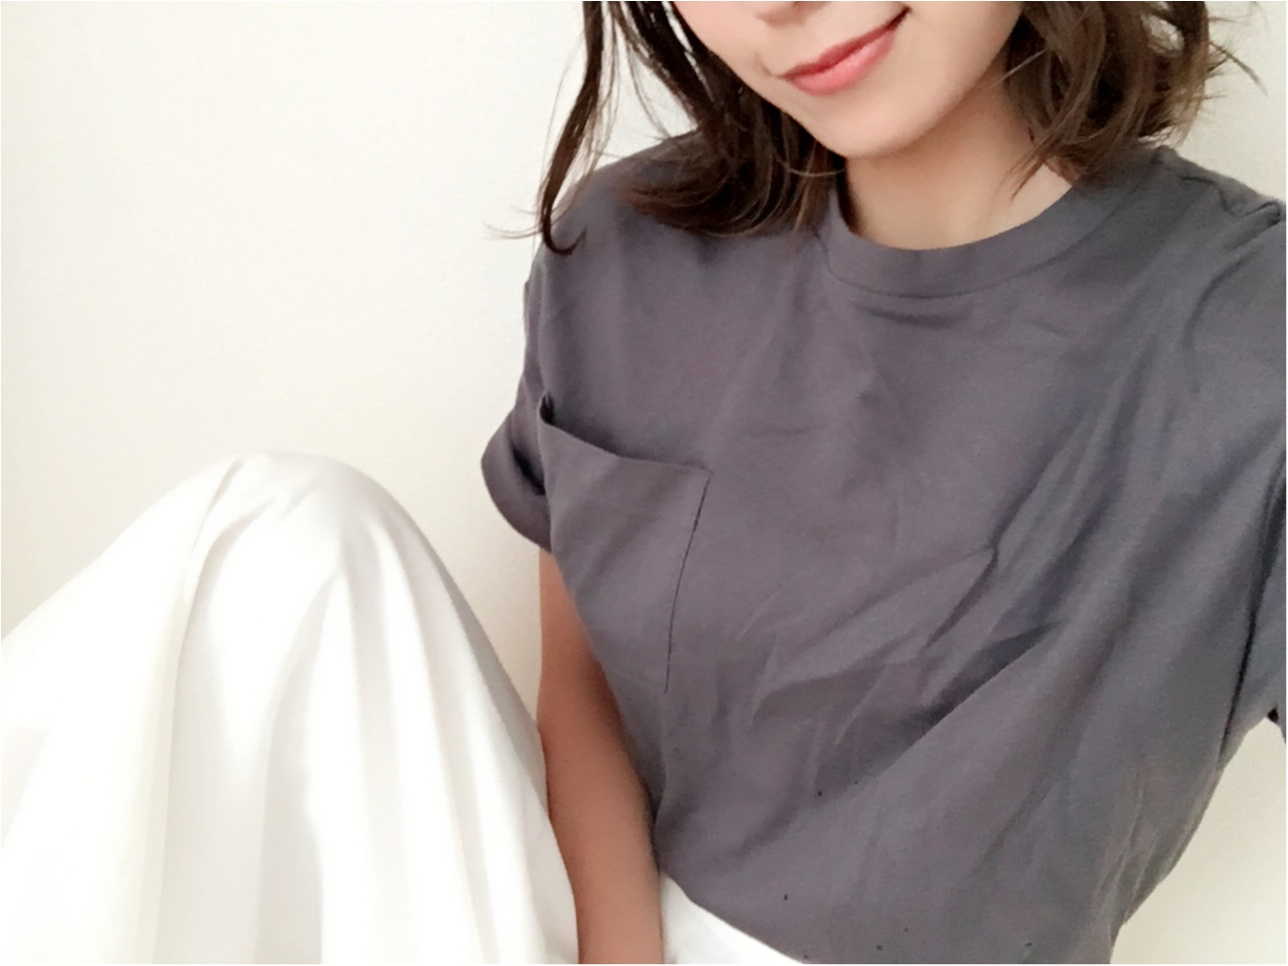 ★《UNIQLO》1000円Tシャツ×《GU》1490円ワイドパンツでプチプラコーデ♩♩_1